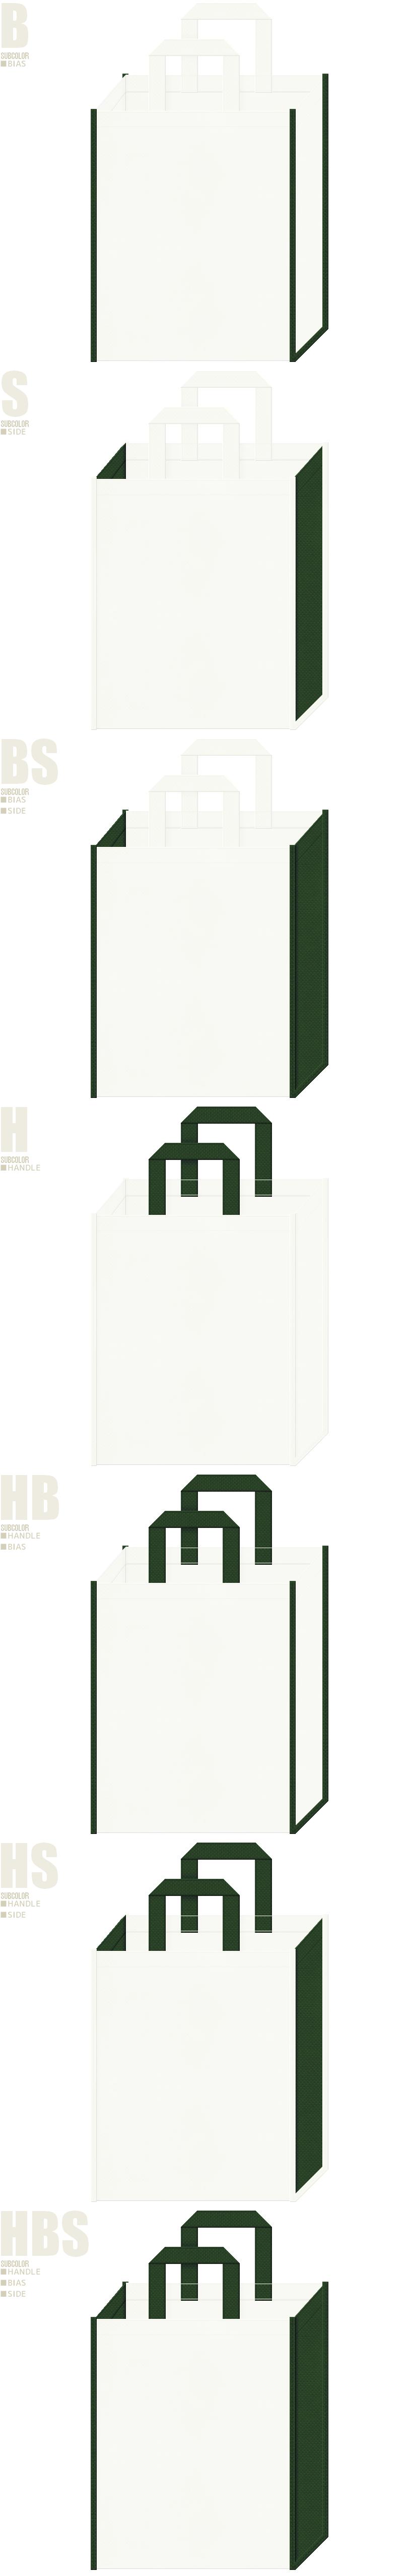 オフホワイト色と濃緑色、7パターンの不織布トートバッグ配色デザイン例。医療器具・医薬品・バイオの展示会用バッグ、学校・オープンキャンパス用のバッグにお奨めです。